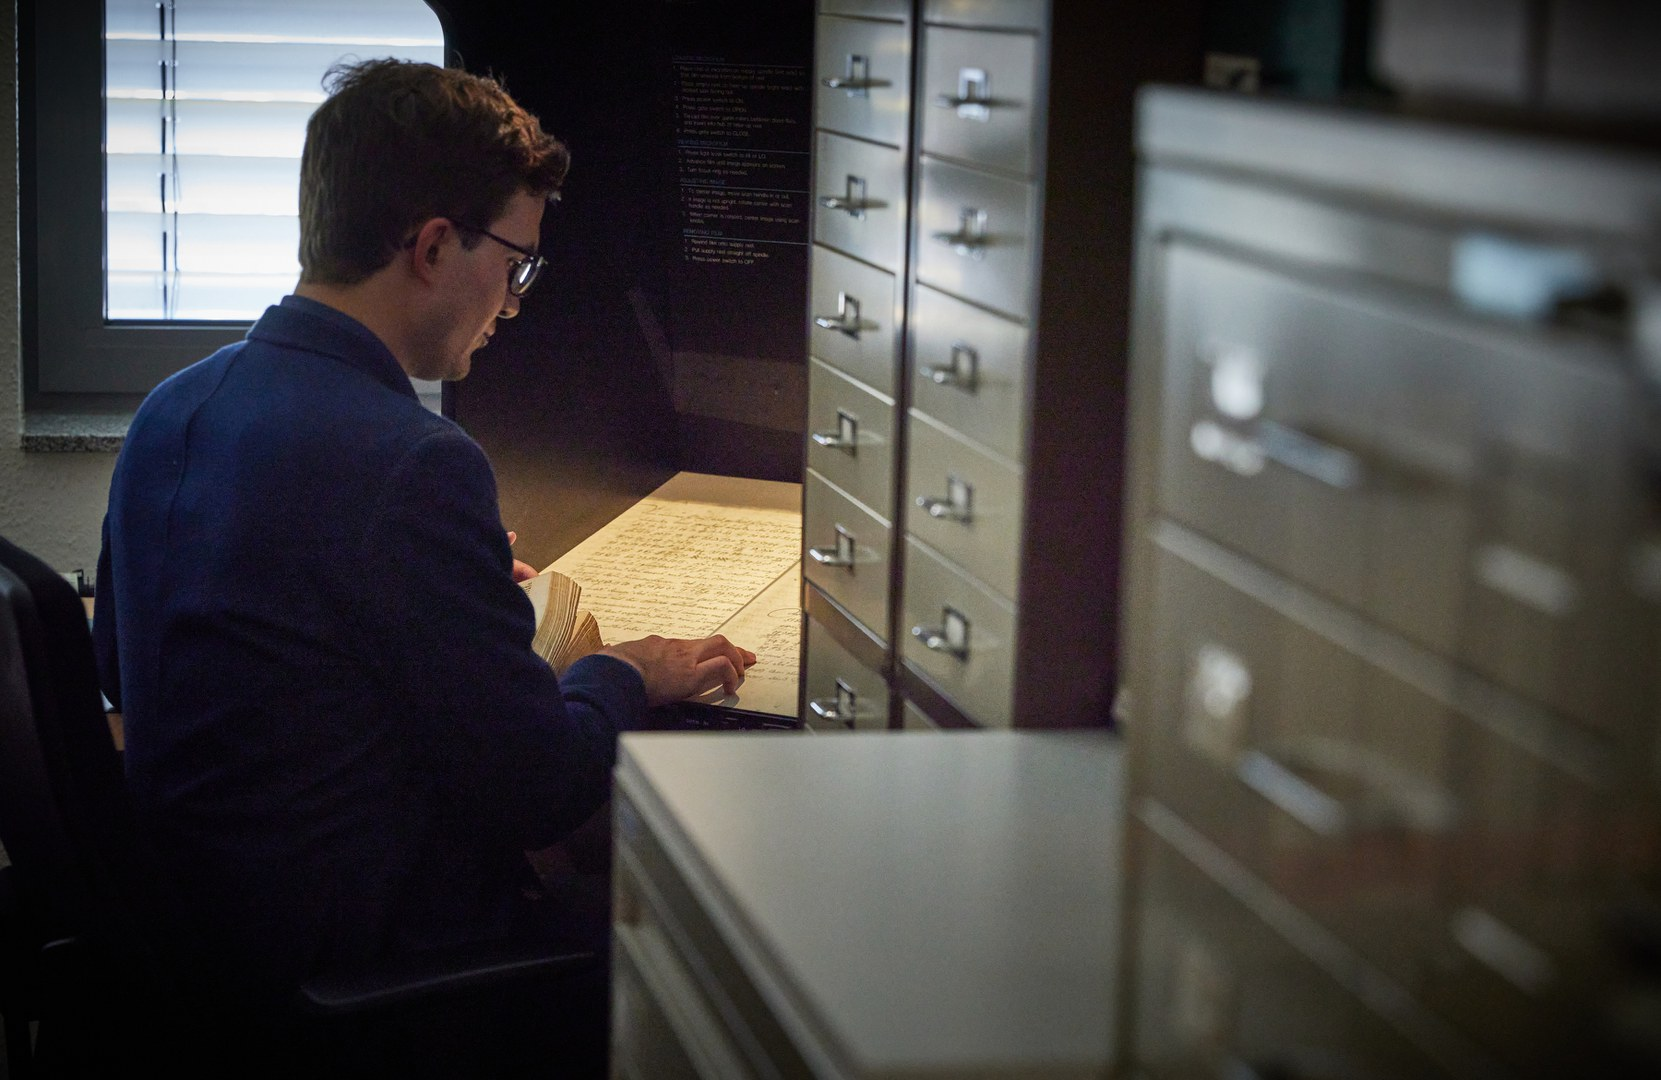 Mithilfe eines Lesegeräts vergrößert Jonas Bechtold den Inhalt eines Mikrofilms. Zu sehen ist einer der kaiserlichen Friedensverträge.